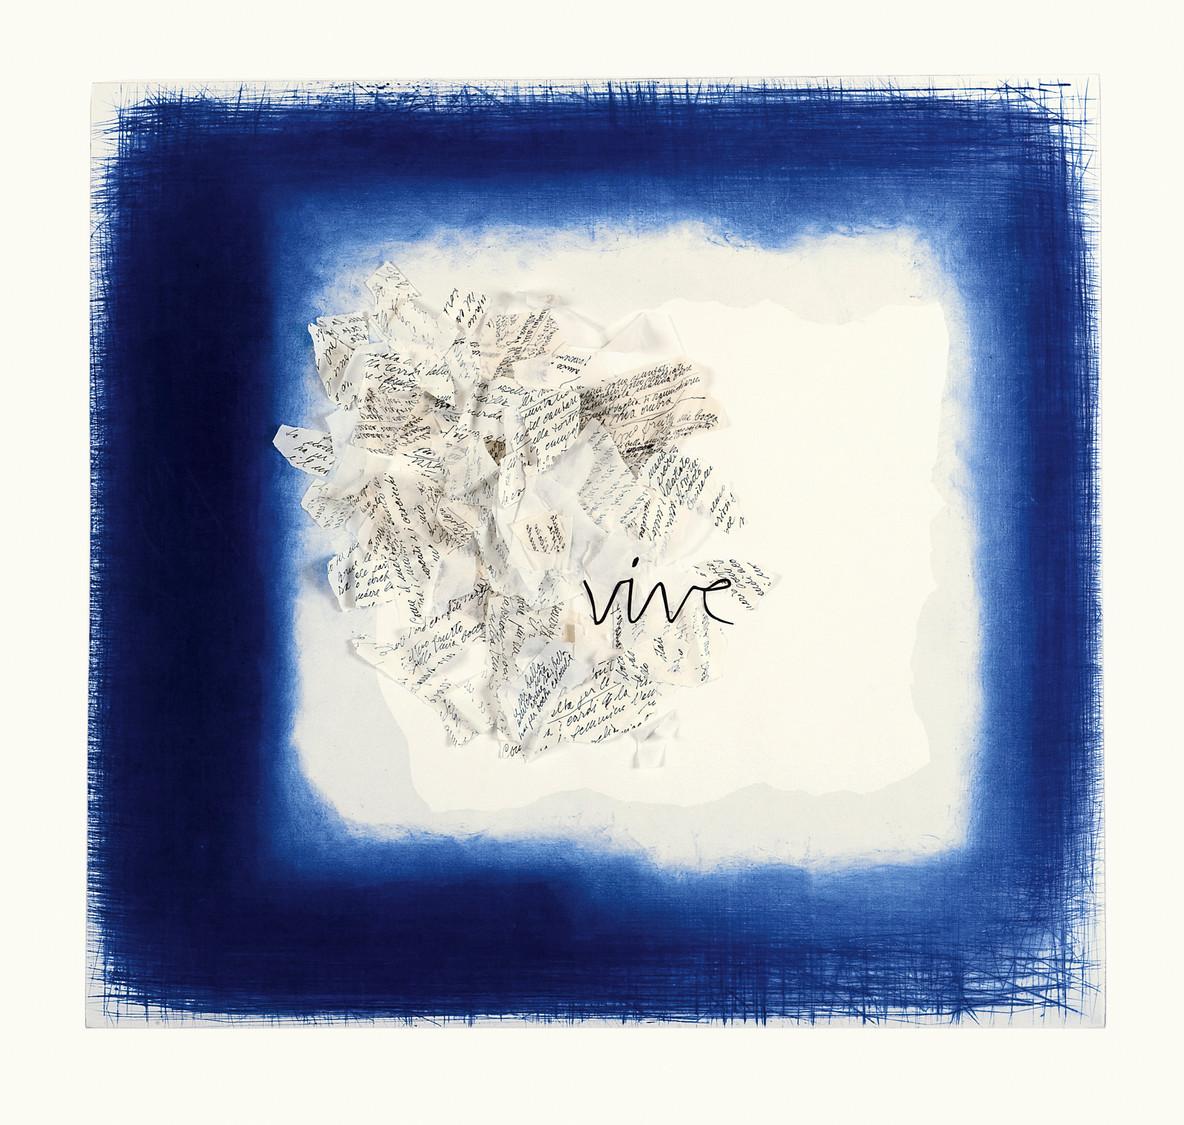 VIVE (dal Cantico dei cantici) - 110 x 115 cm